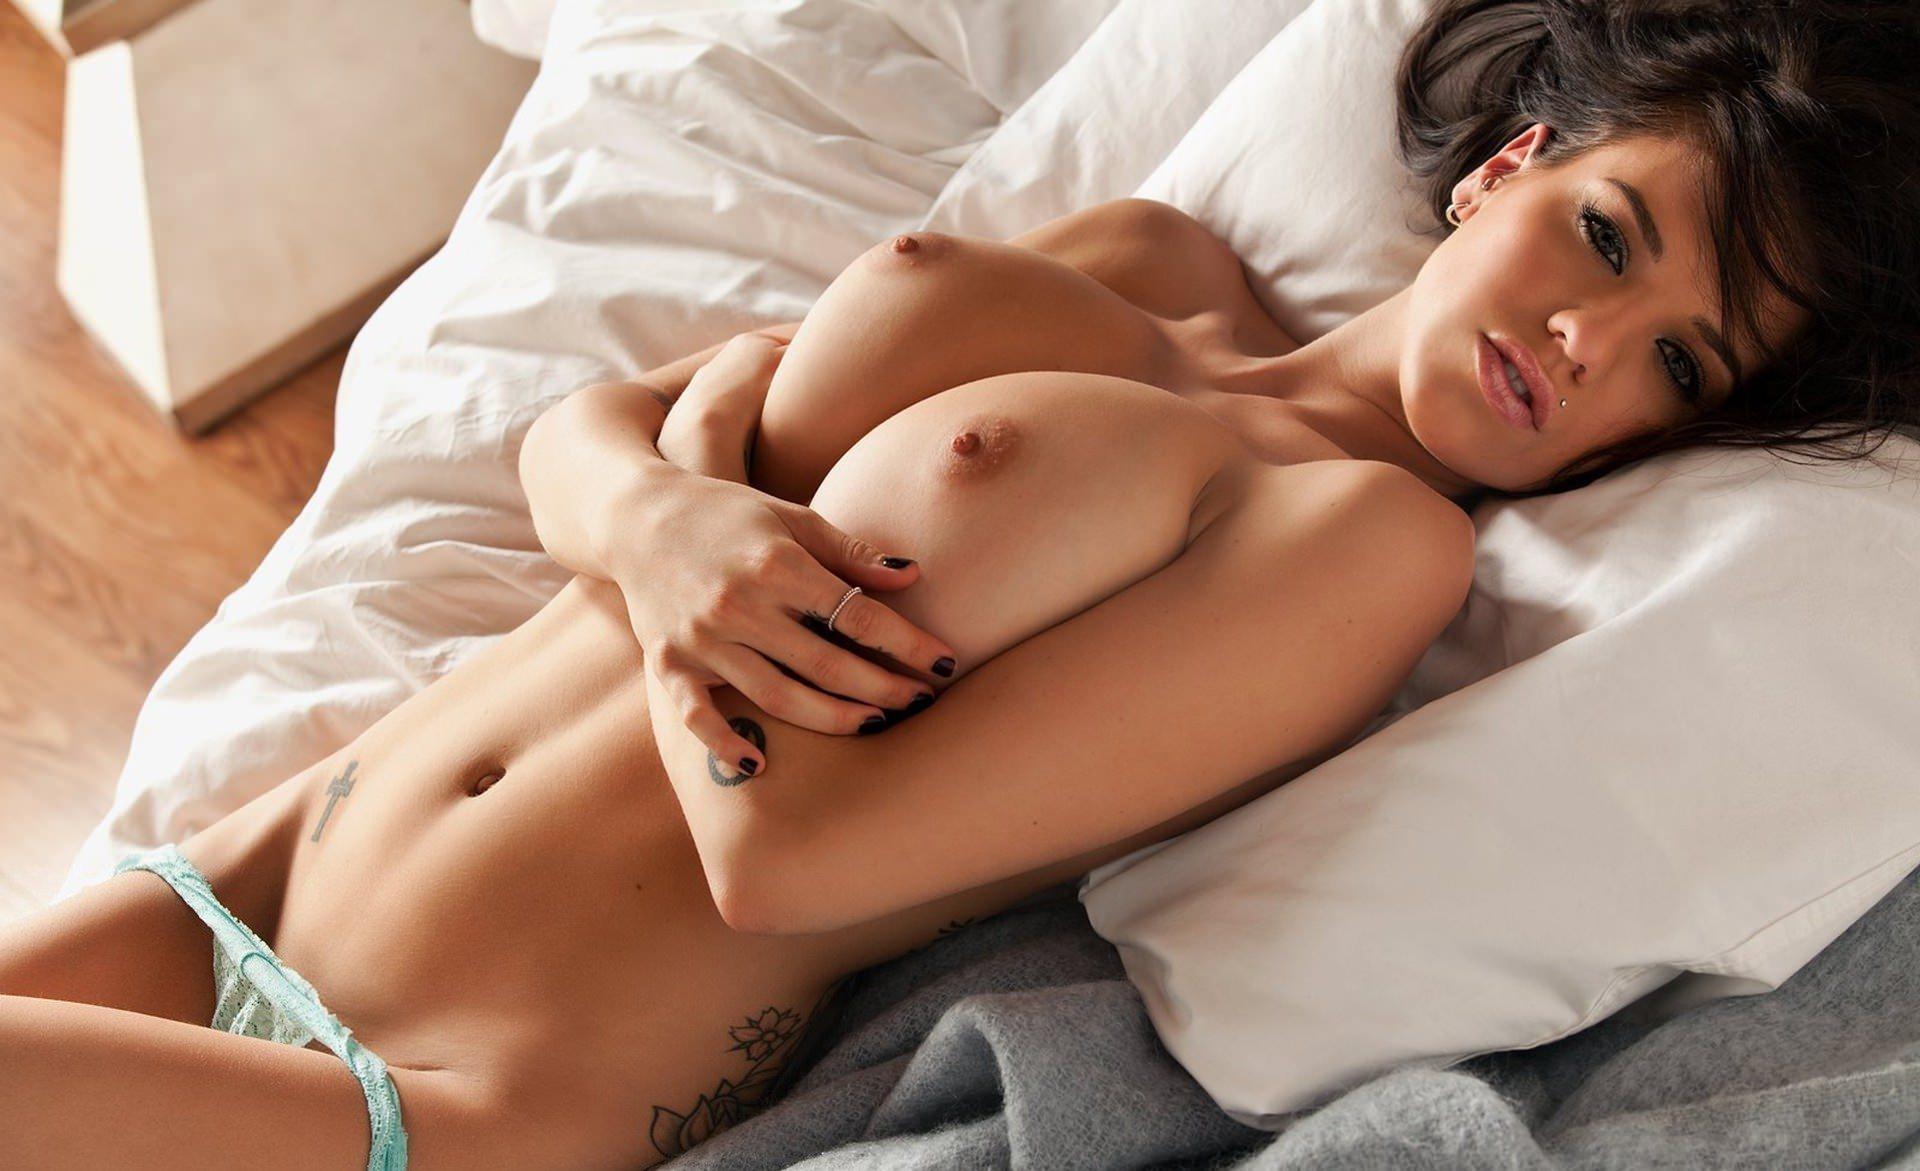 Секс девушка с девушкой с грудью 18 фотография